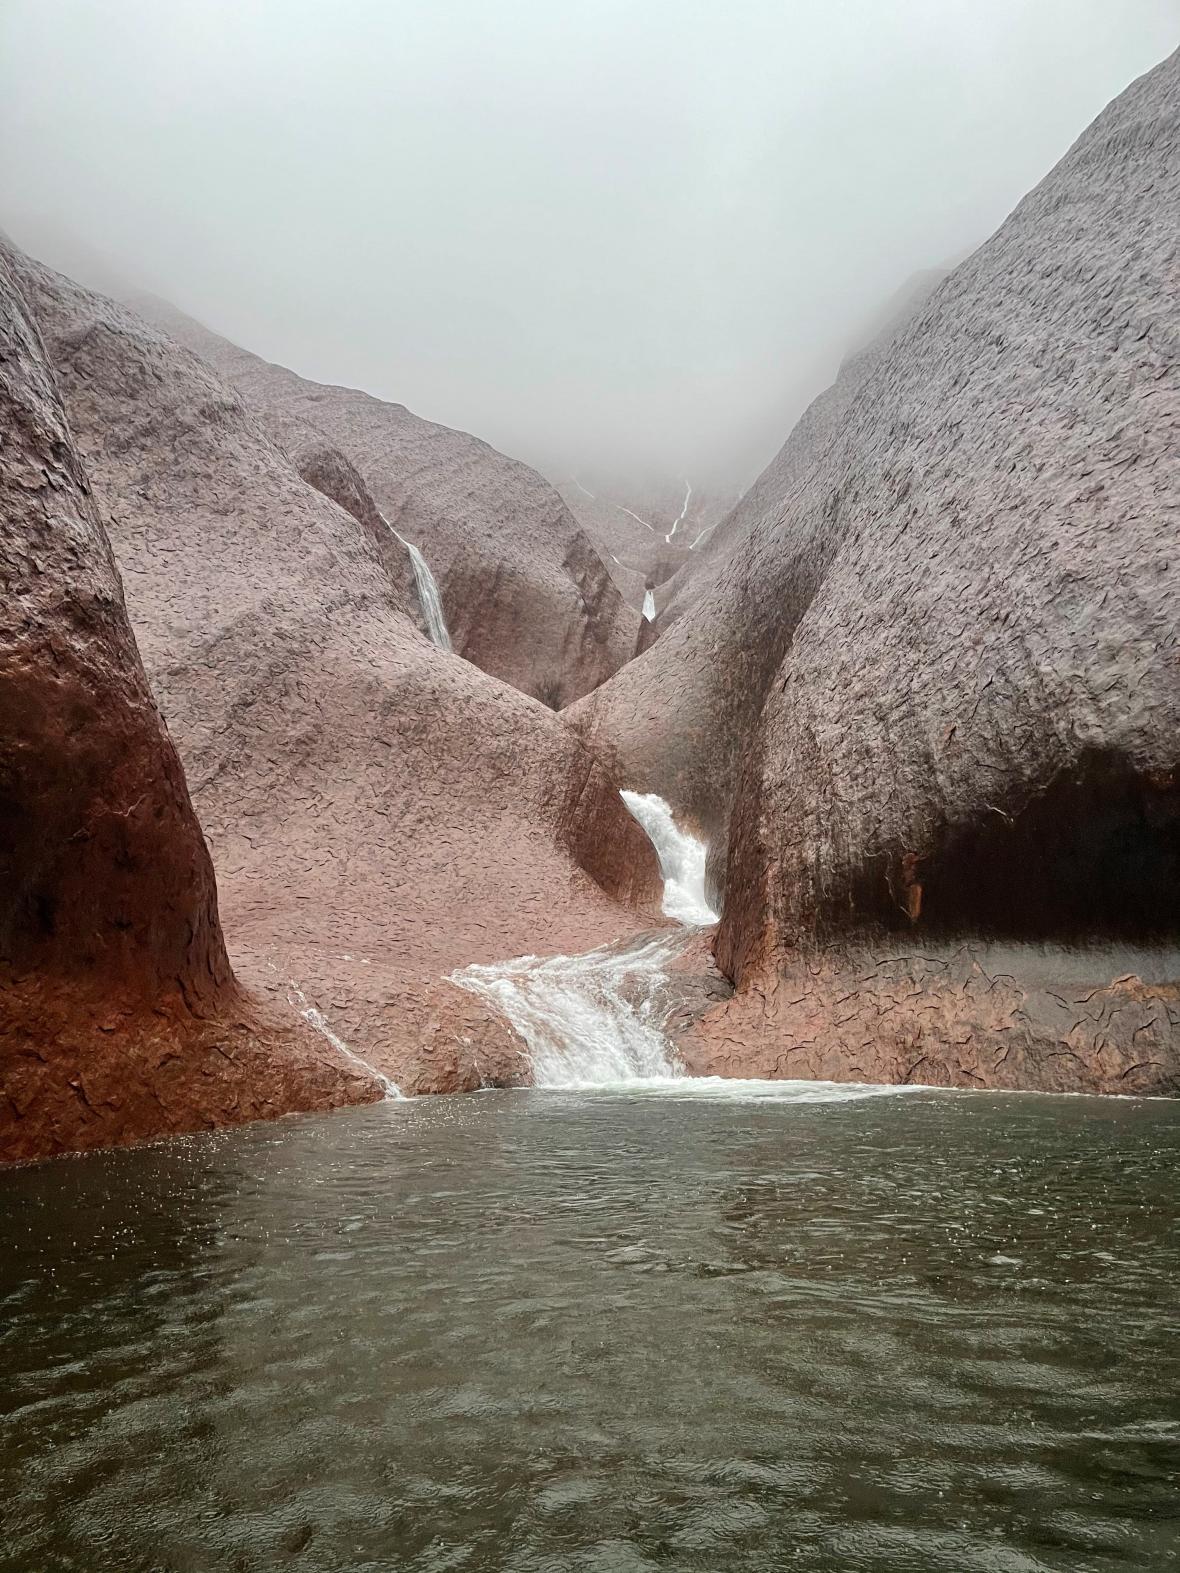 Skalními stěnami Uluru burácí voda.